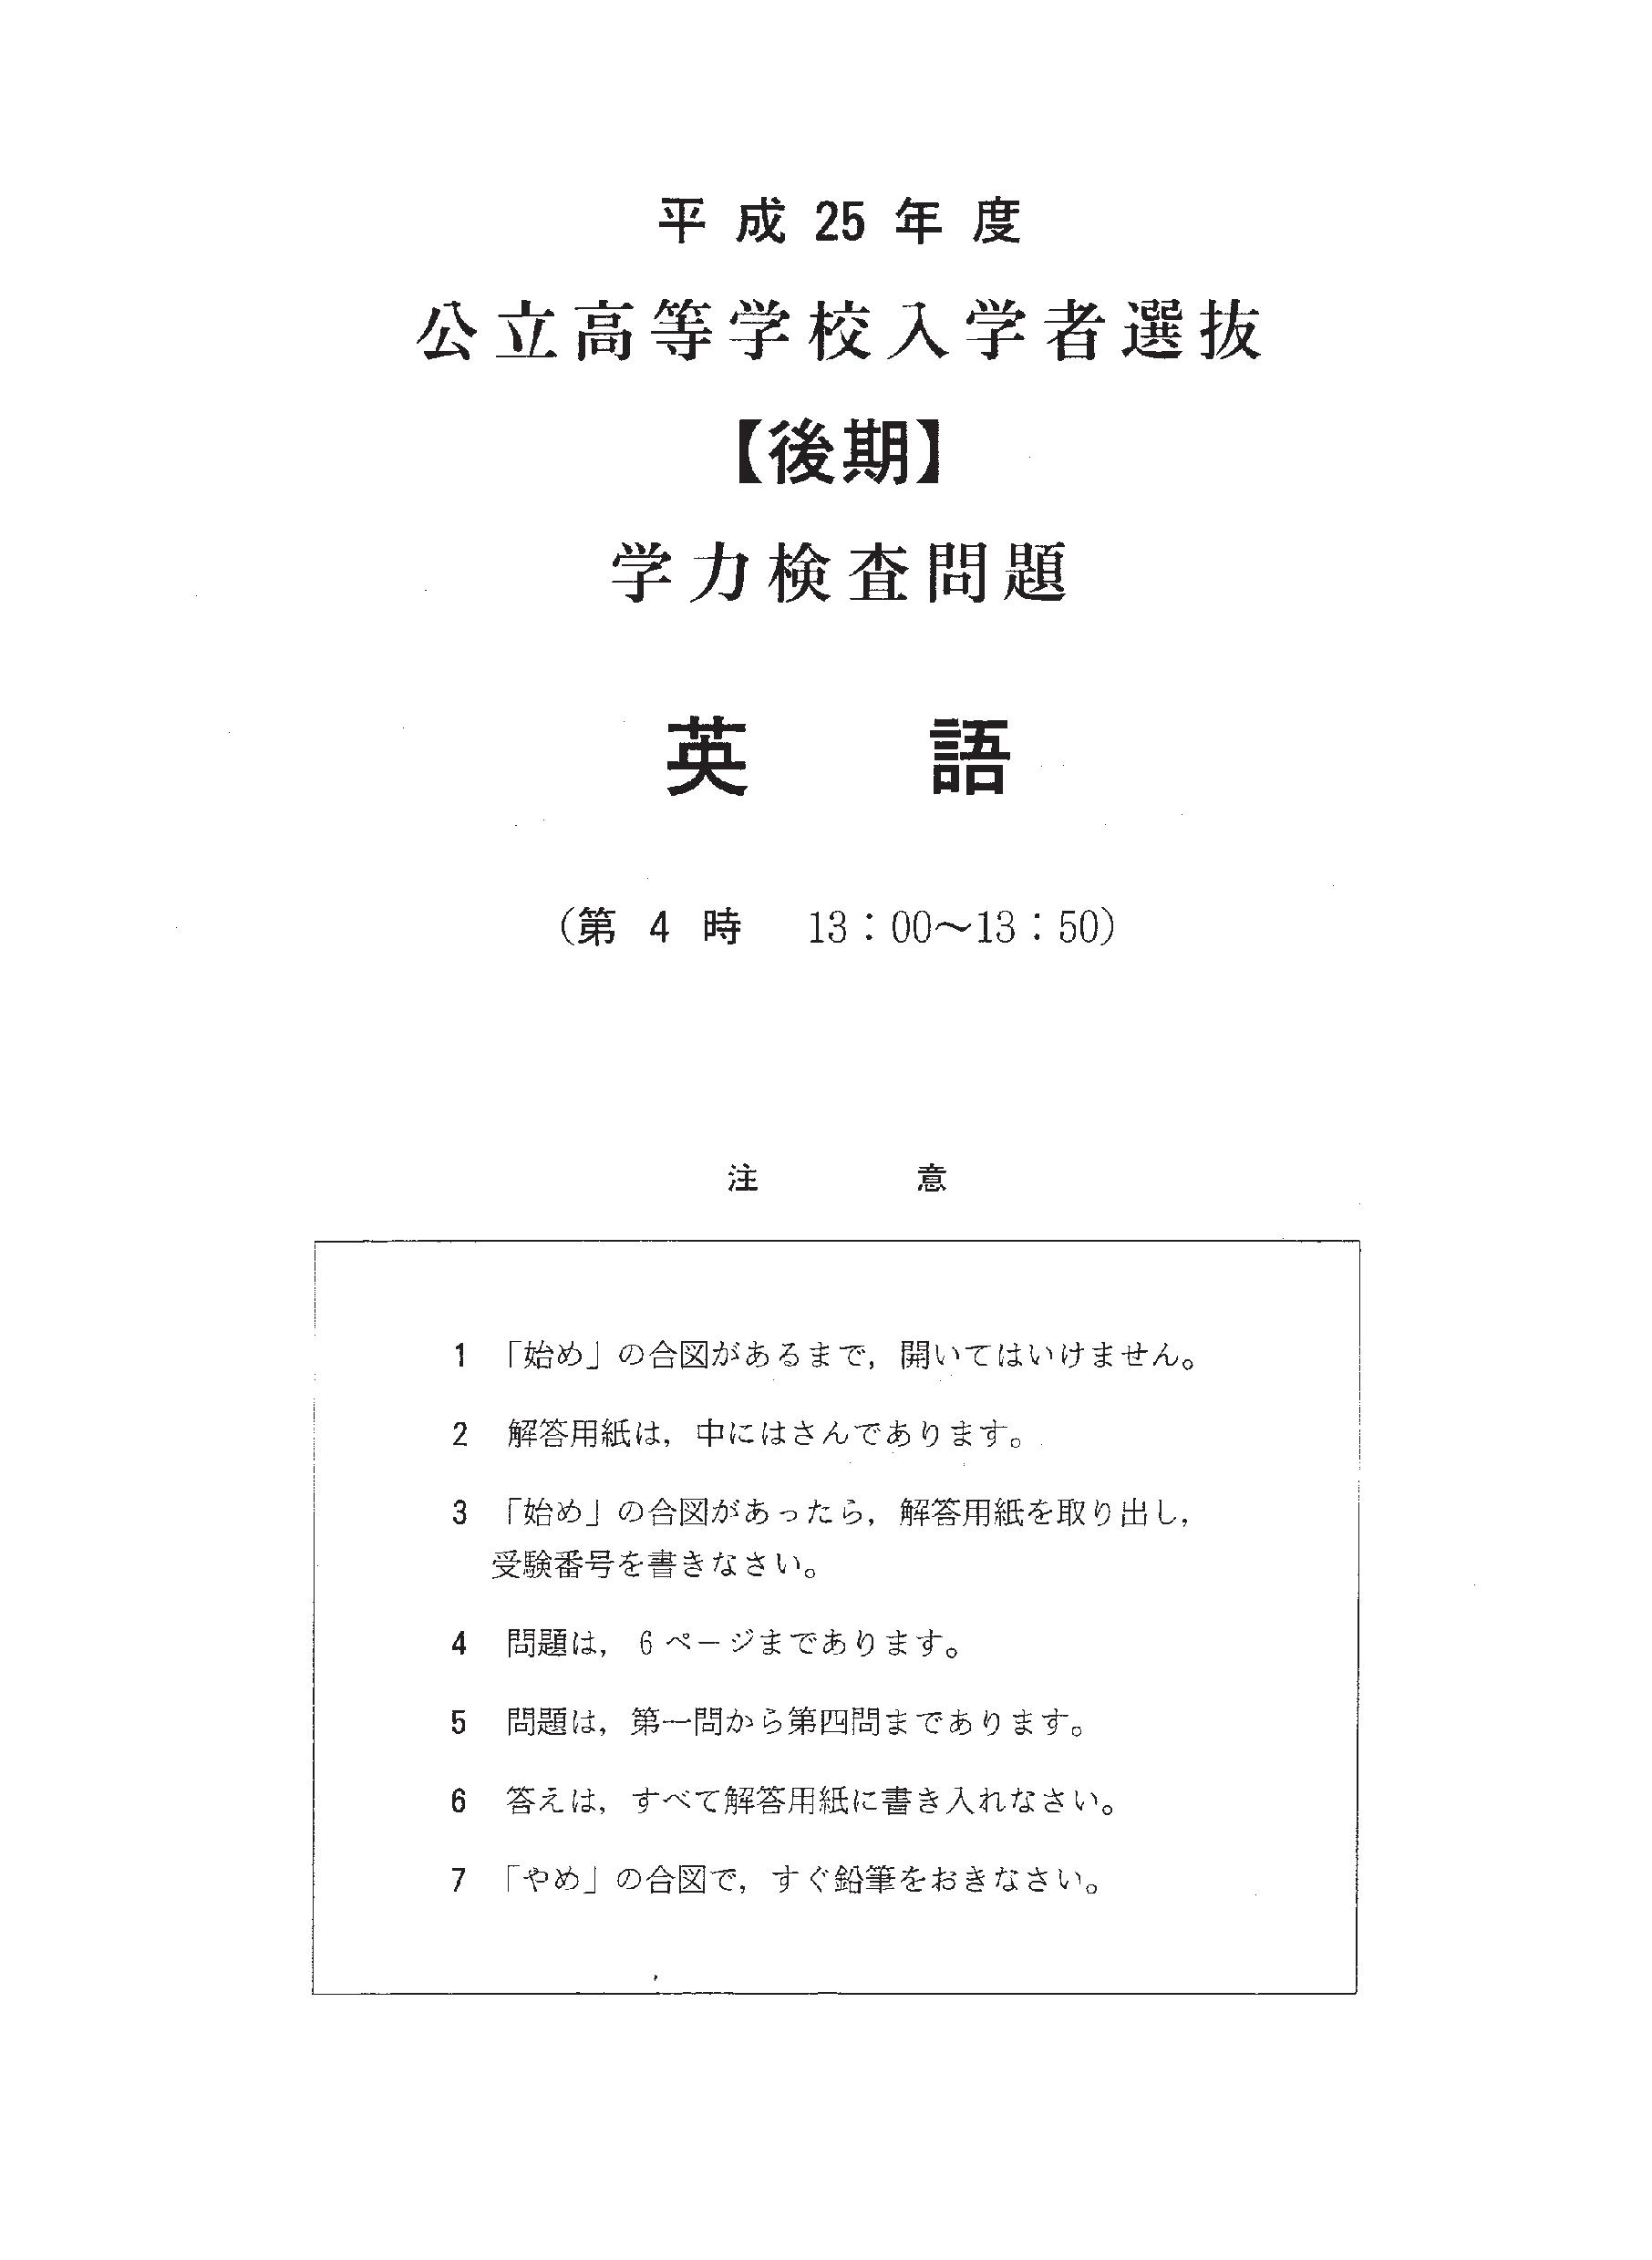 1202-p04-e0